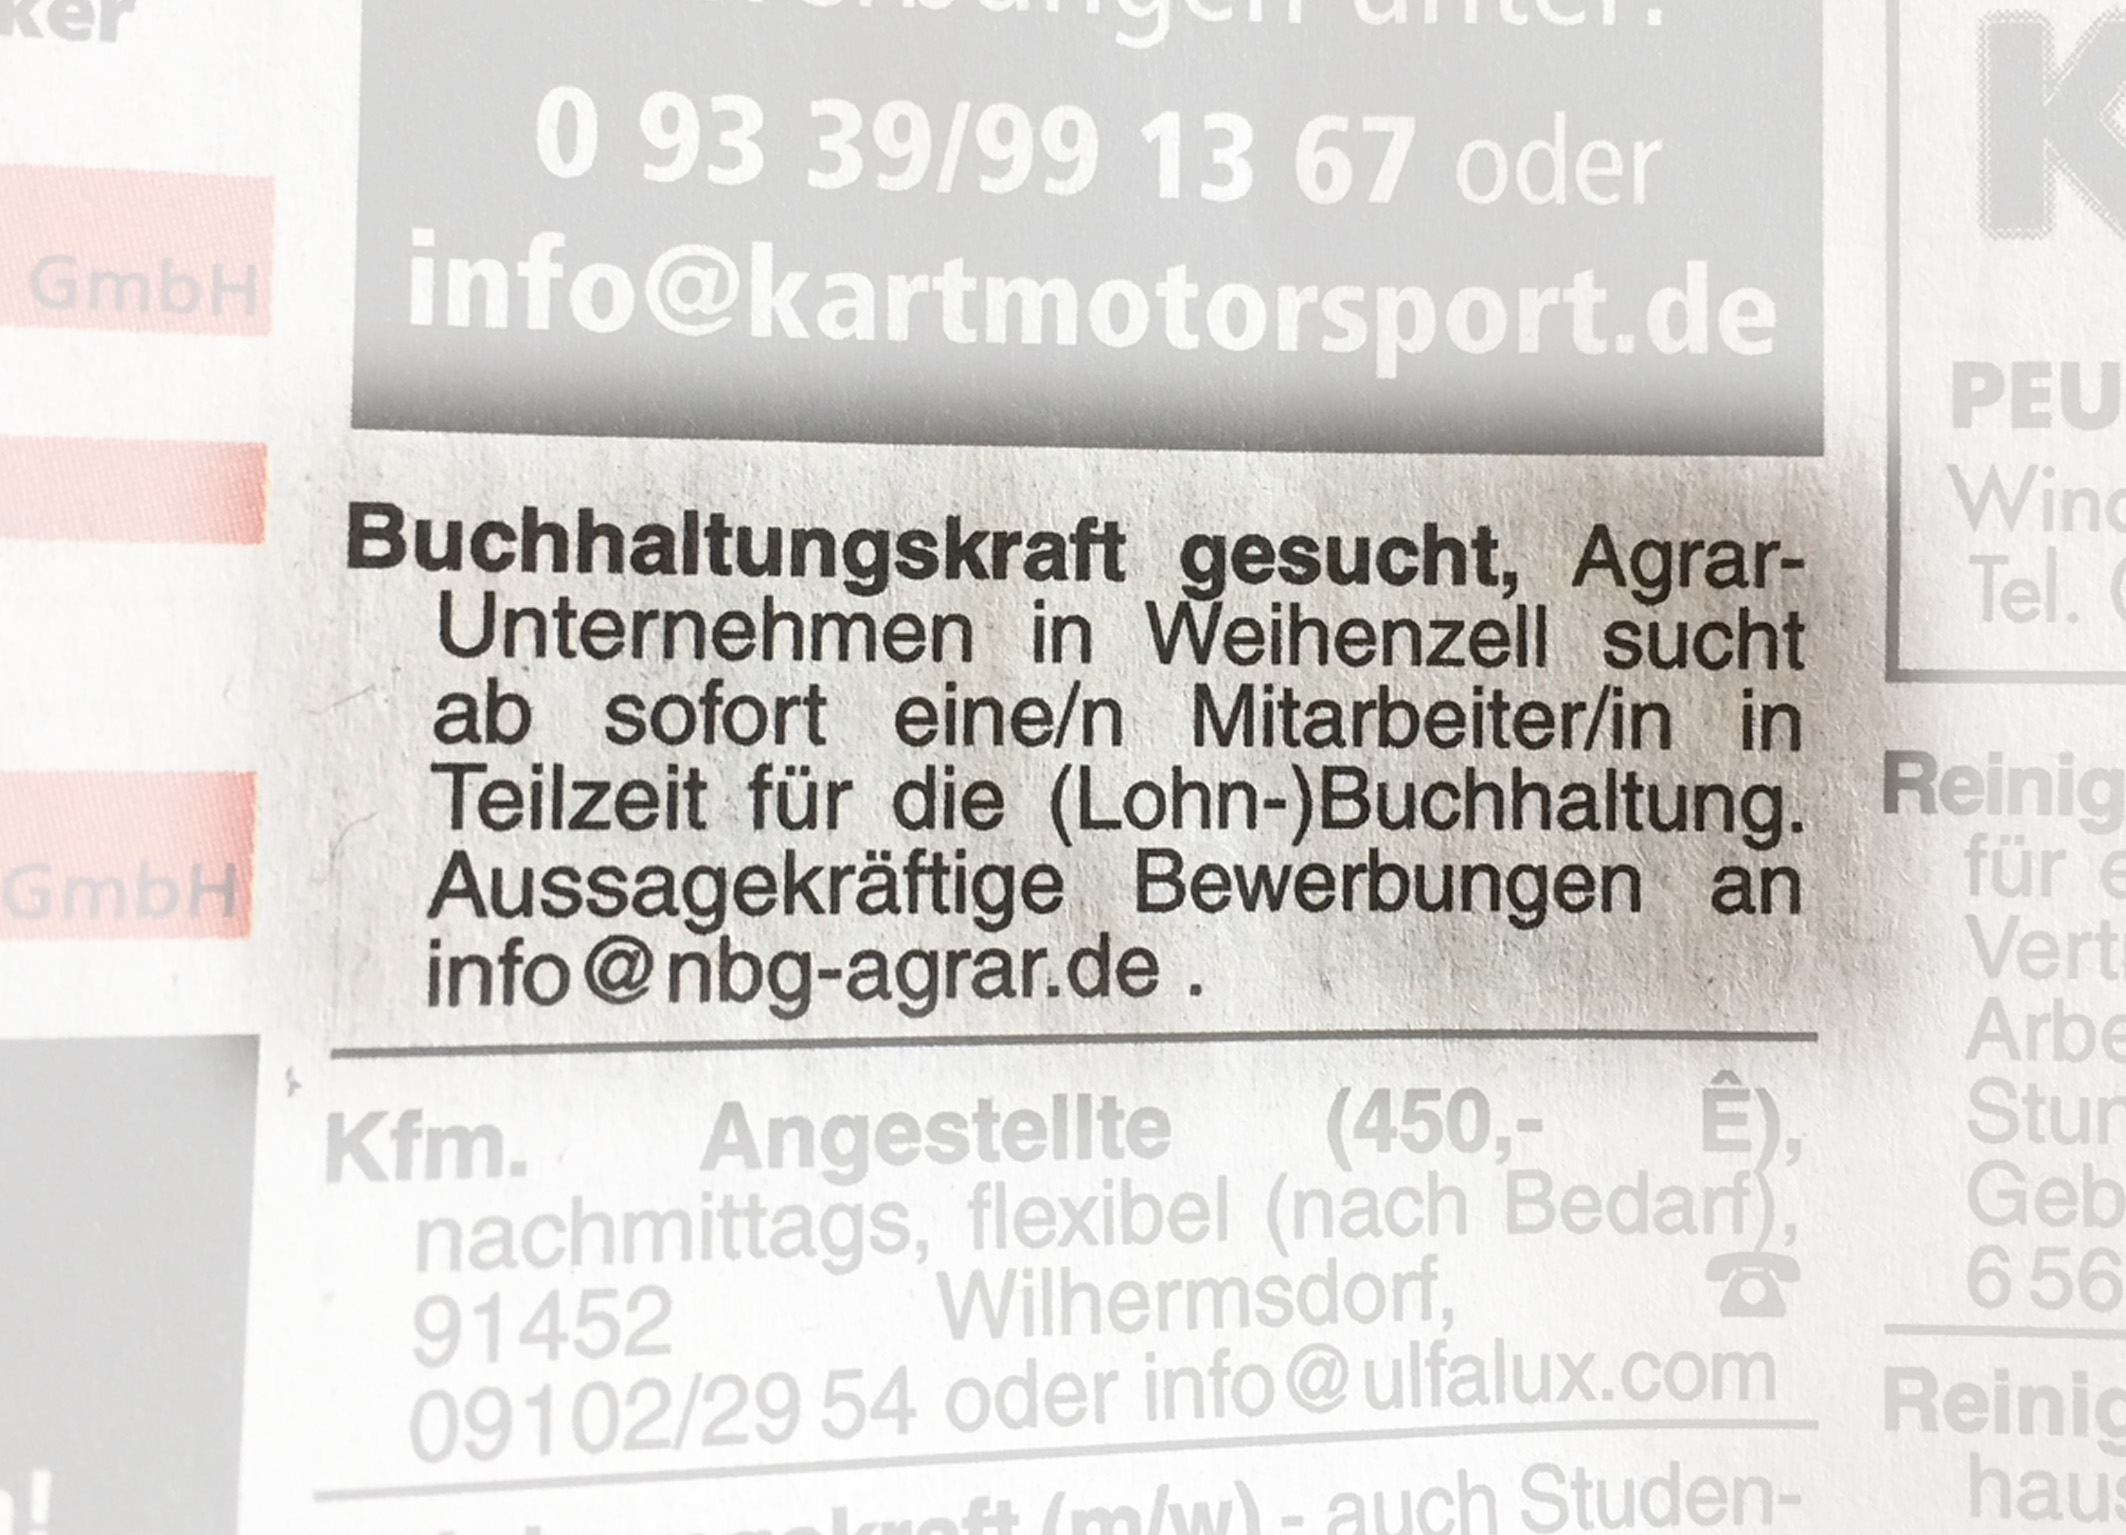 Stellenanzeige Berufspraktikum, Ferienjob, Fachpraktikum in der Landwirtschaft bei Armin Nürnberger in Möckenau, Jobs und Karriere